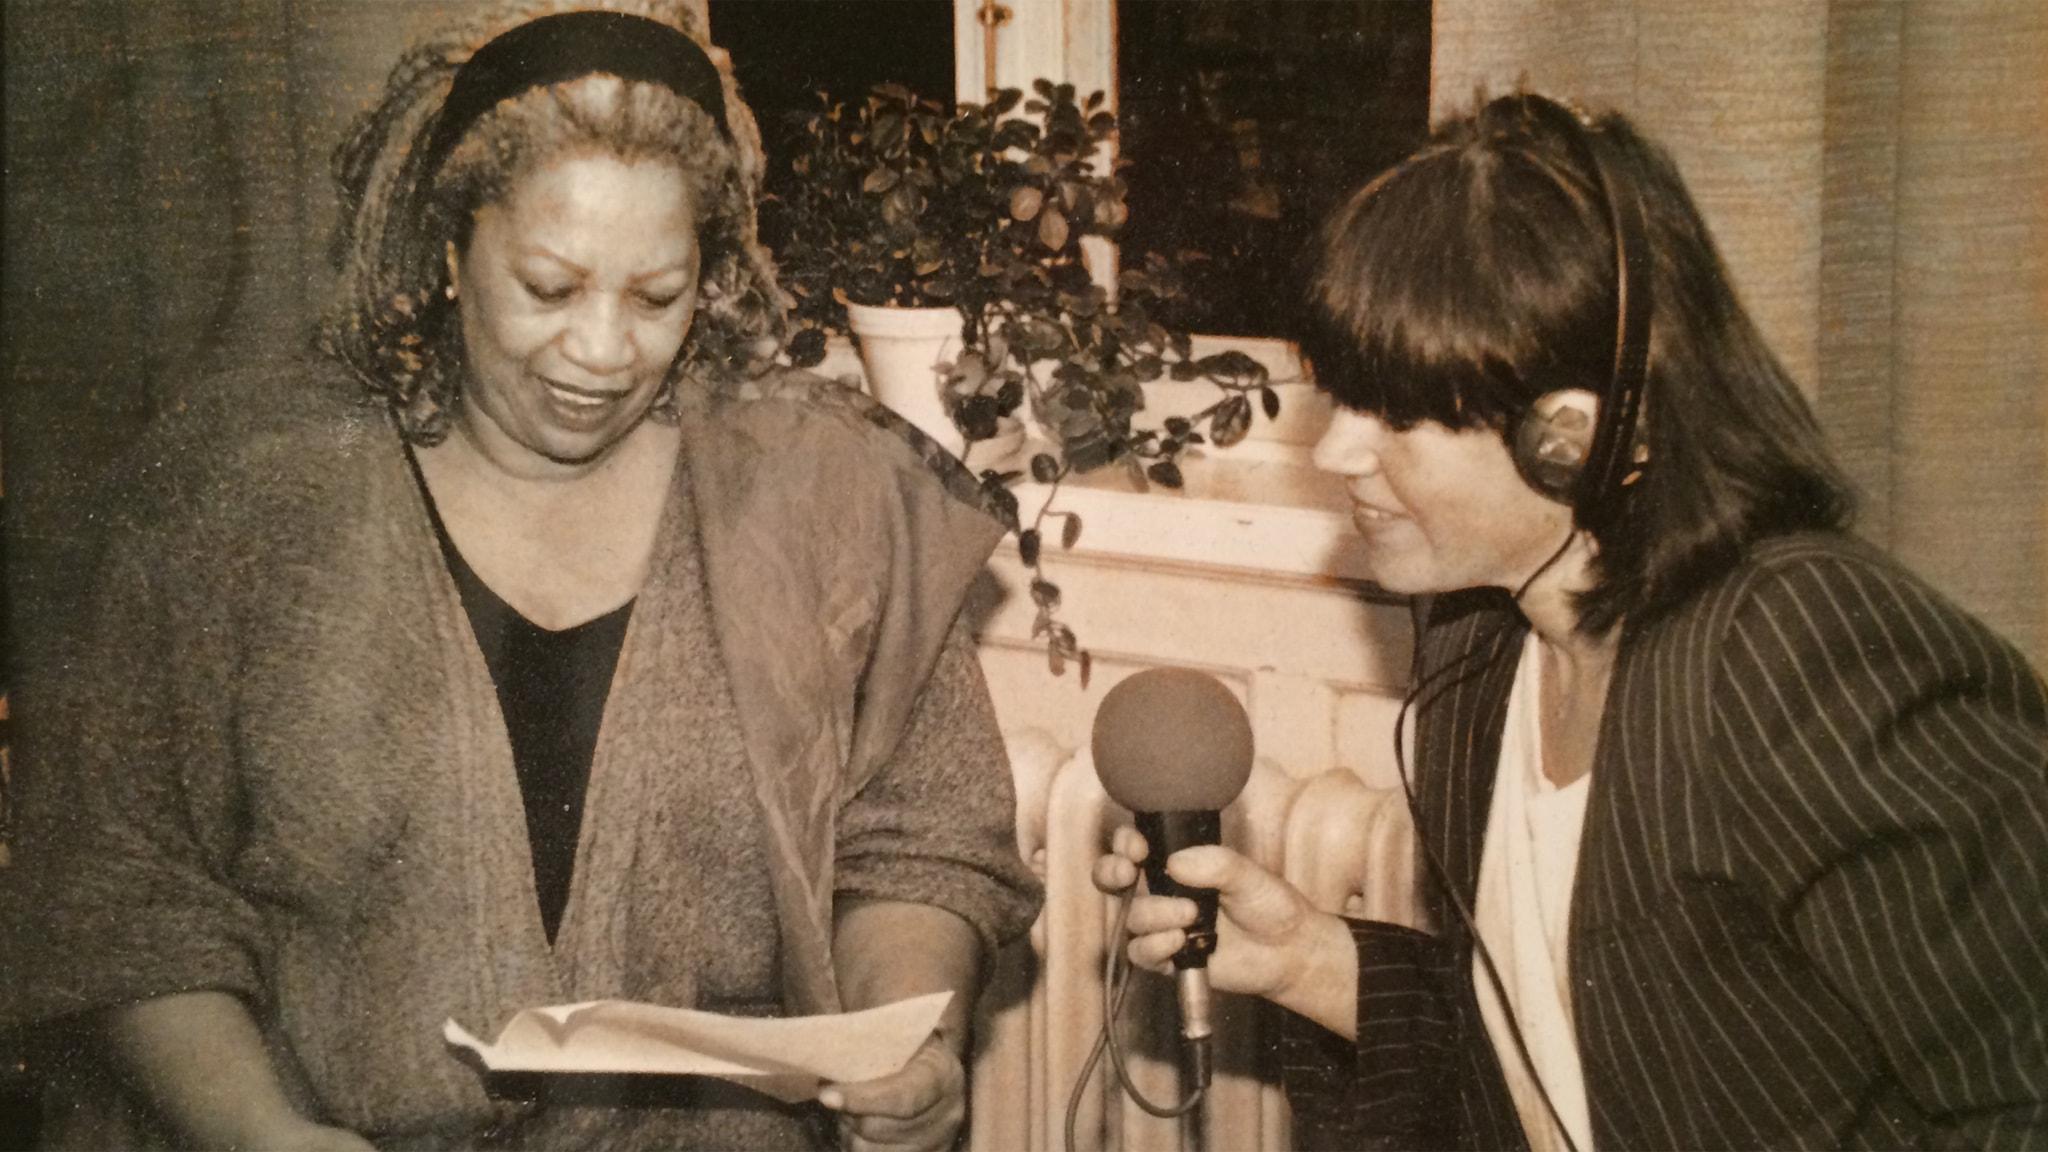 Påskspecial: Toni Morrison